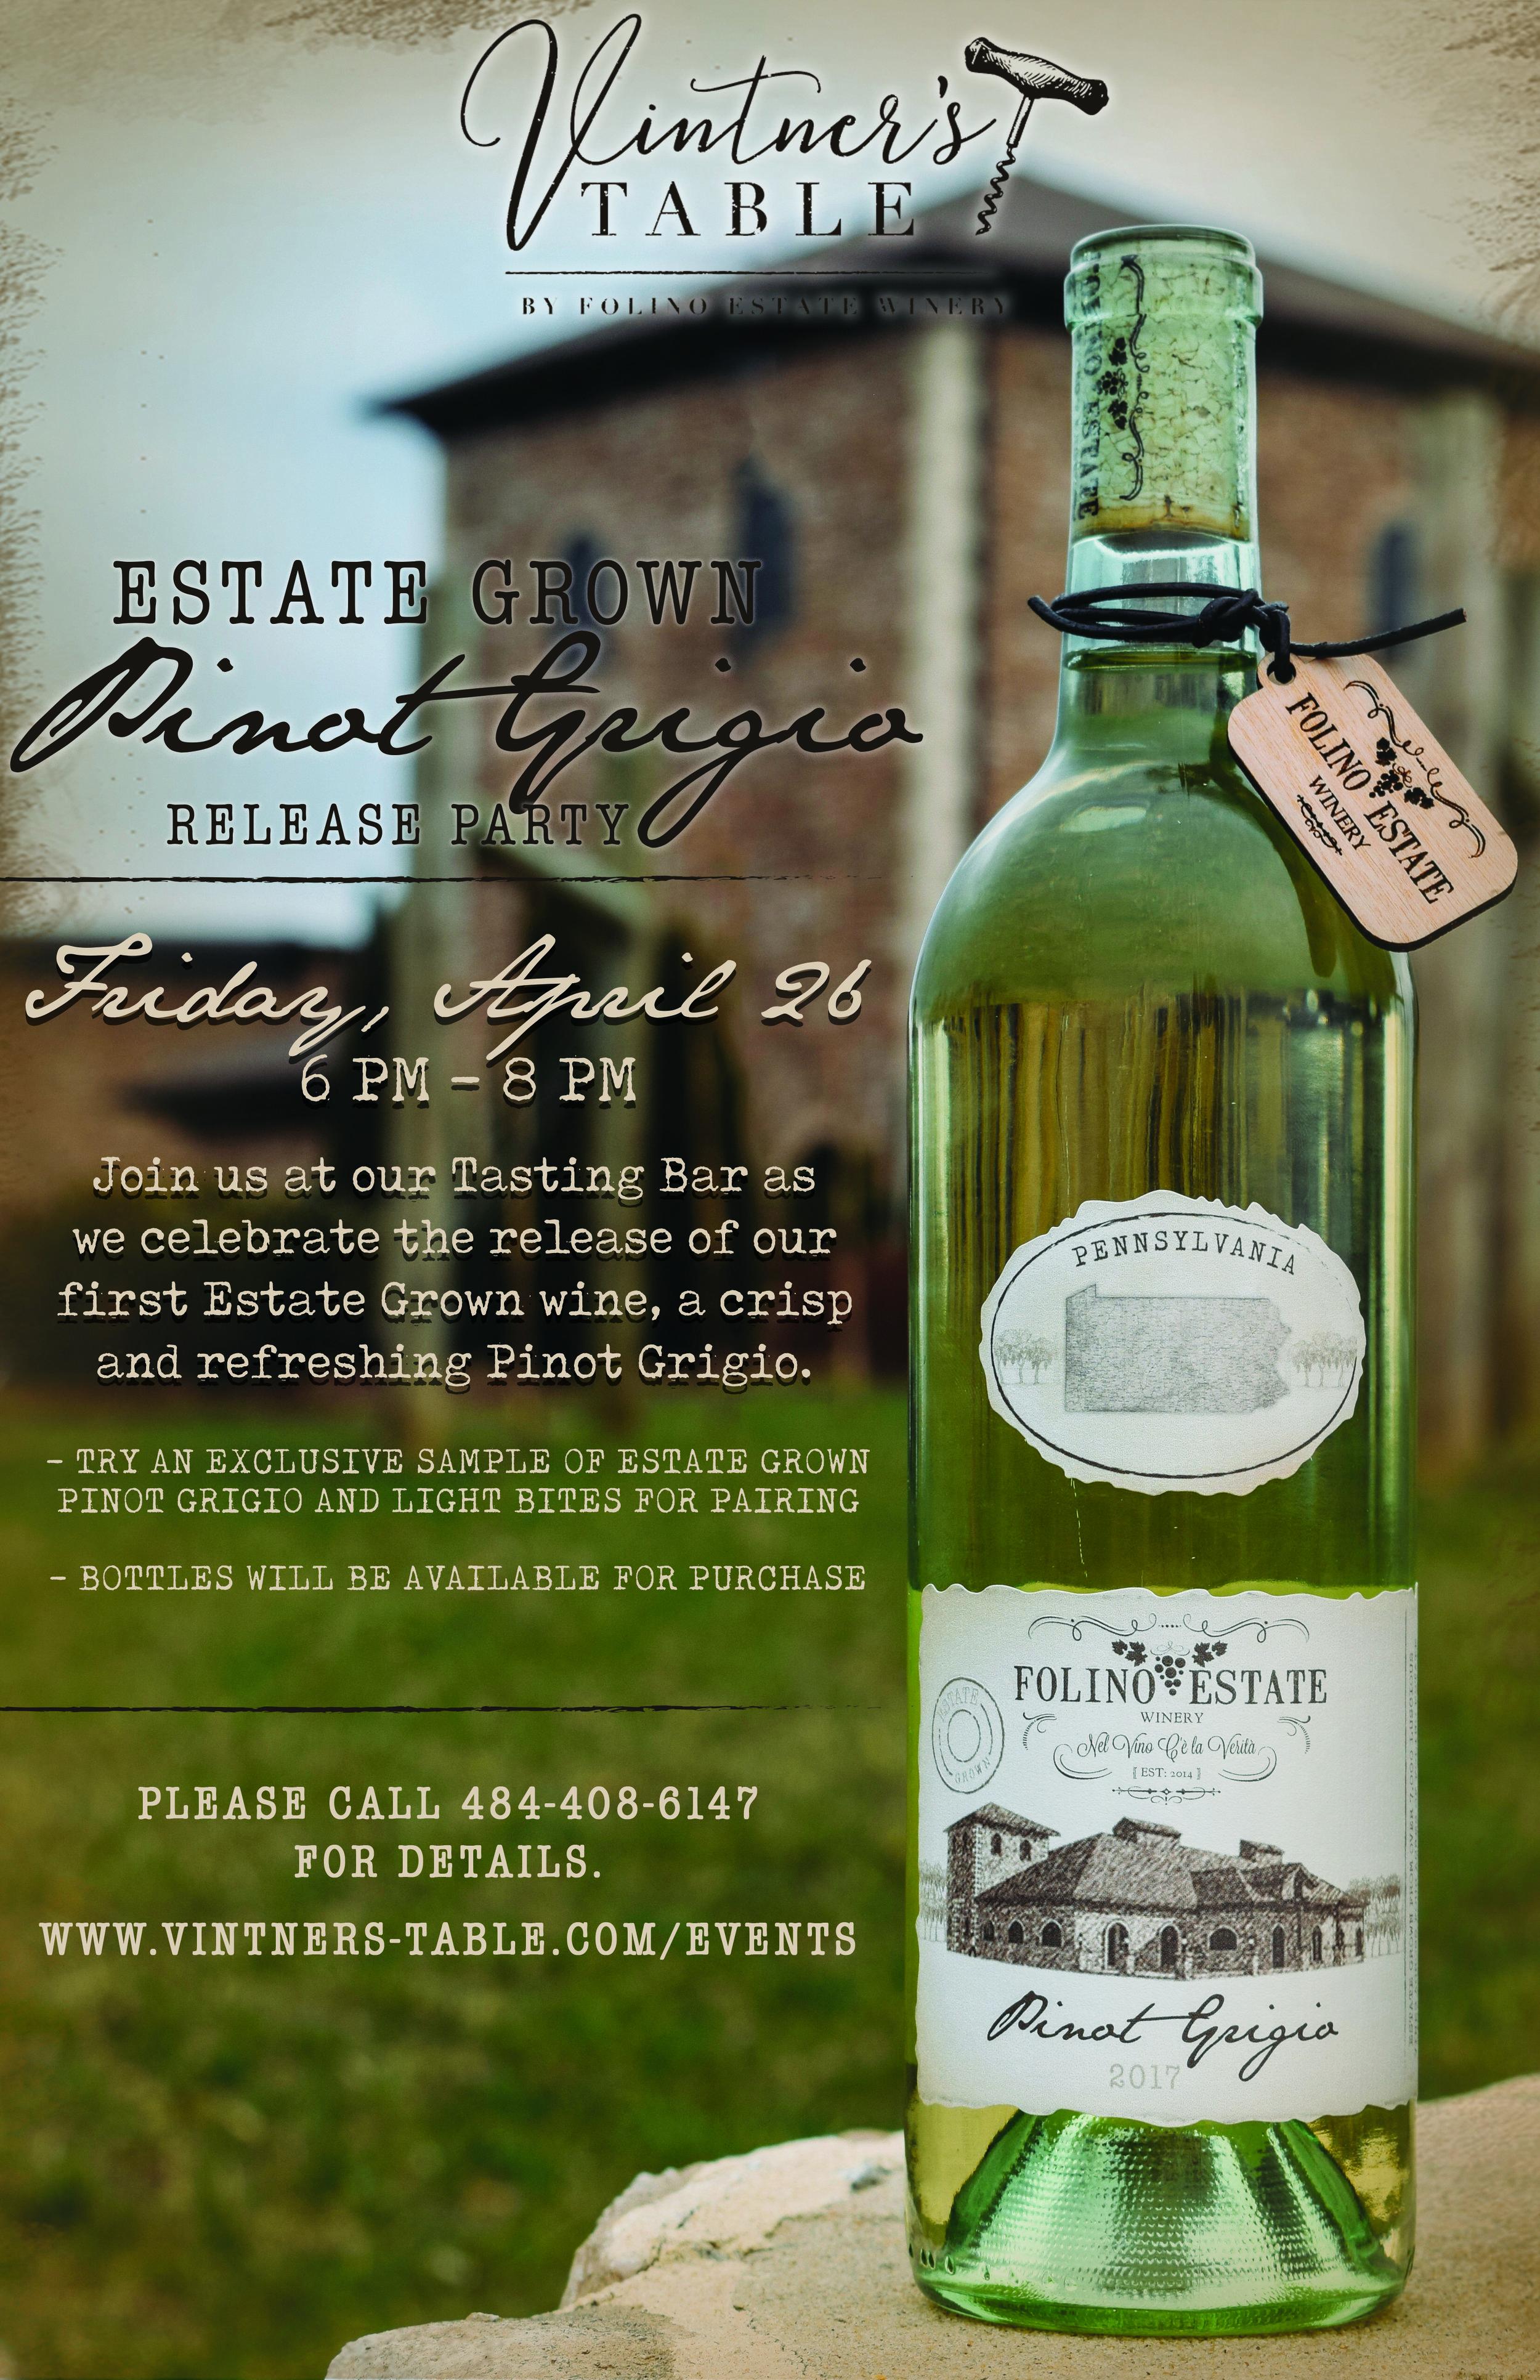 Pinot Grigio-vintnerstable.jpg